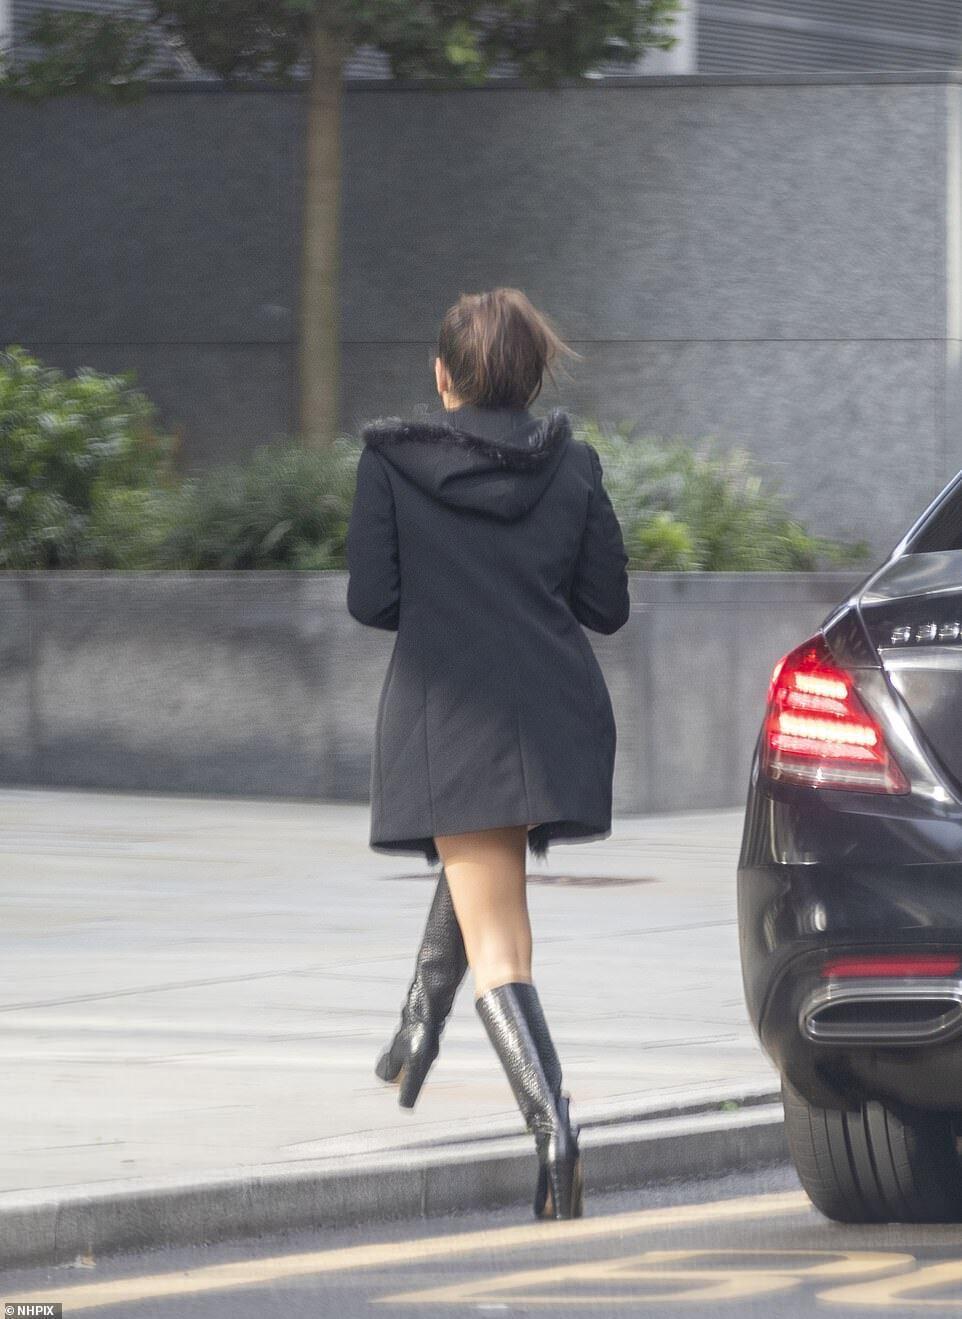 Мария Гвардиола идет к машине